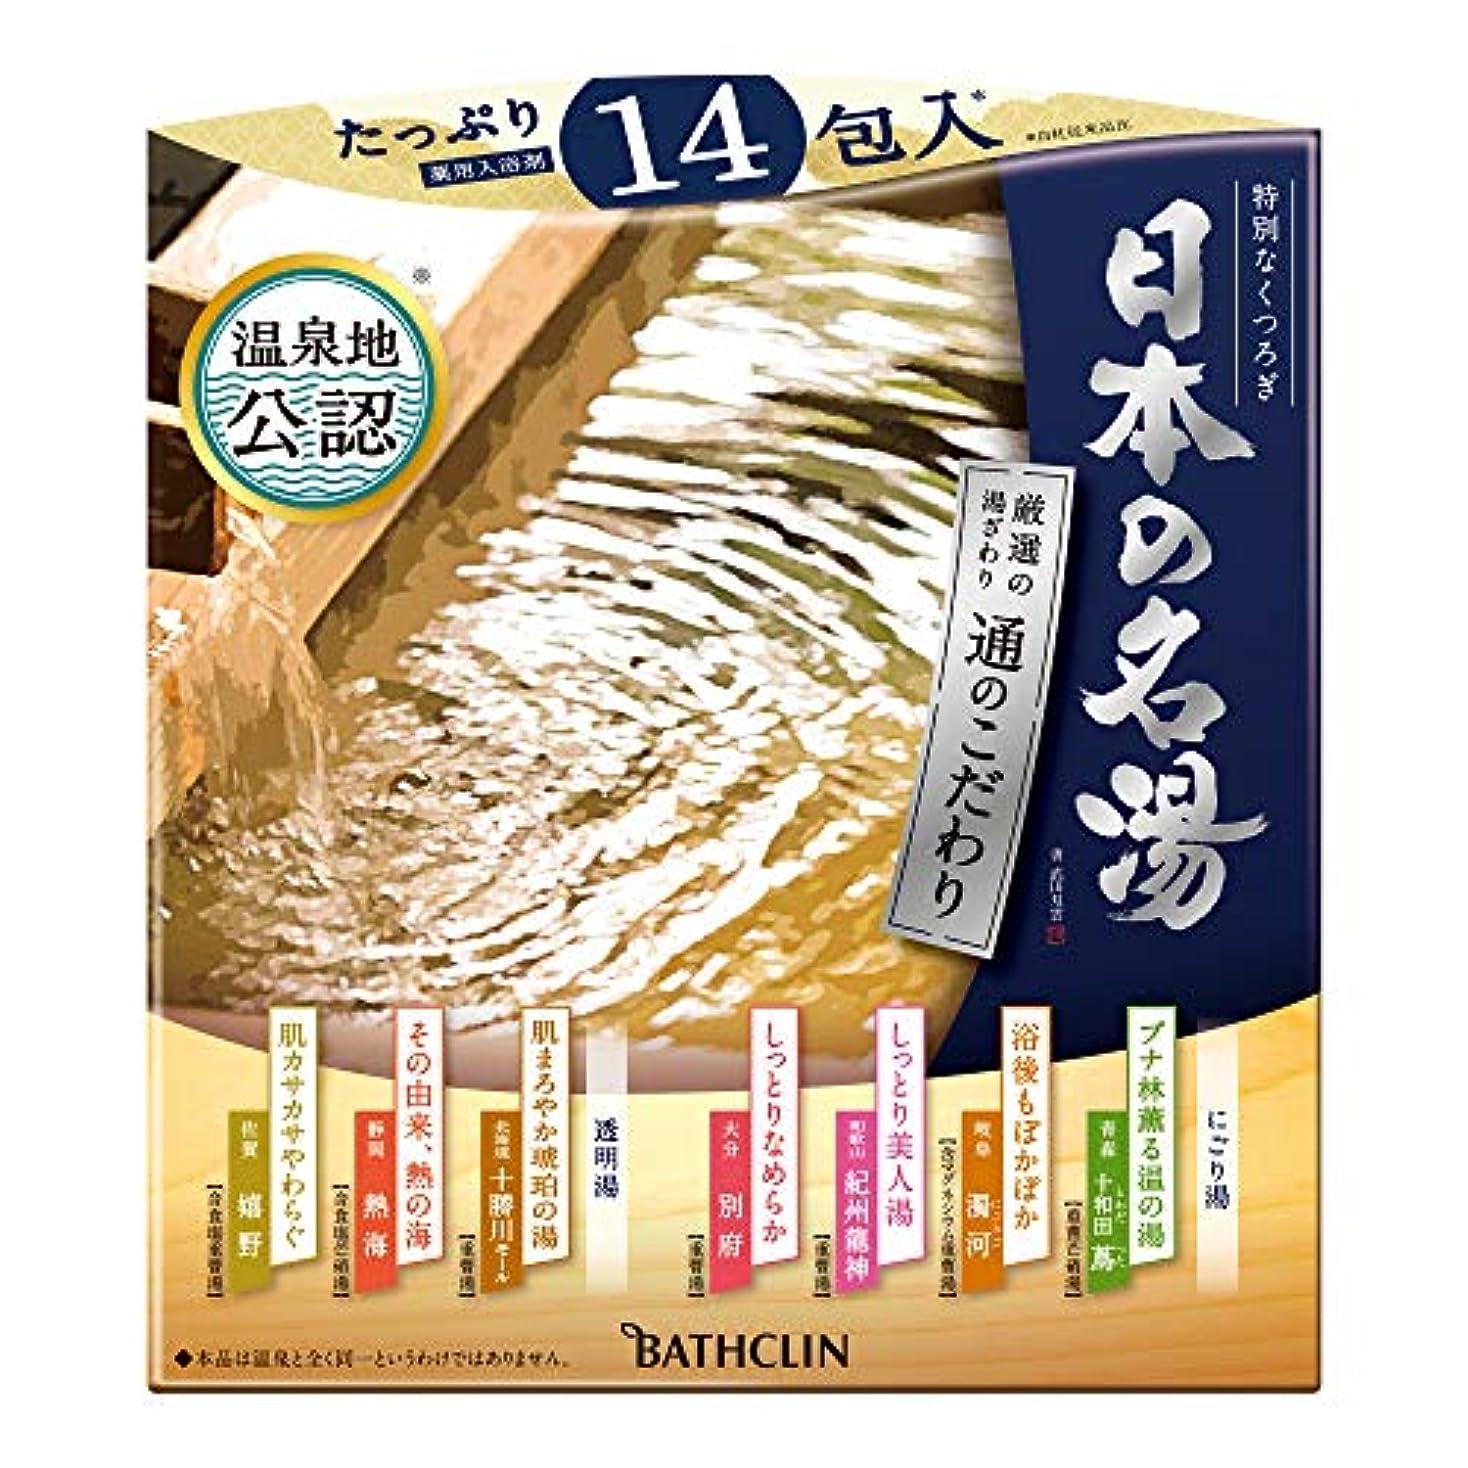 目指す持つ入手します【医薬部外品】バスクリン 日本の名湯 入浴剤 通のこだわり 30g×14包 個包装詰め合わせ 温泉タイプ